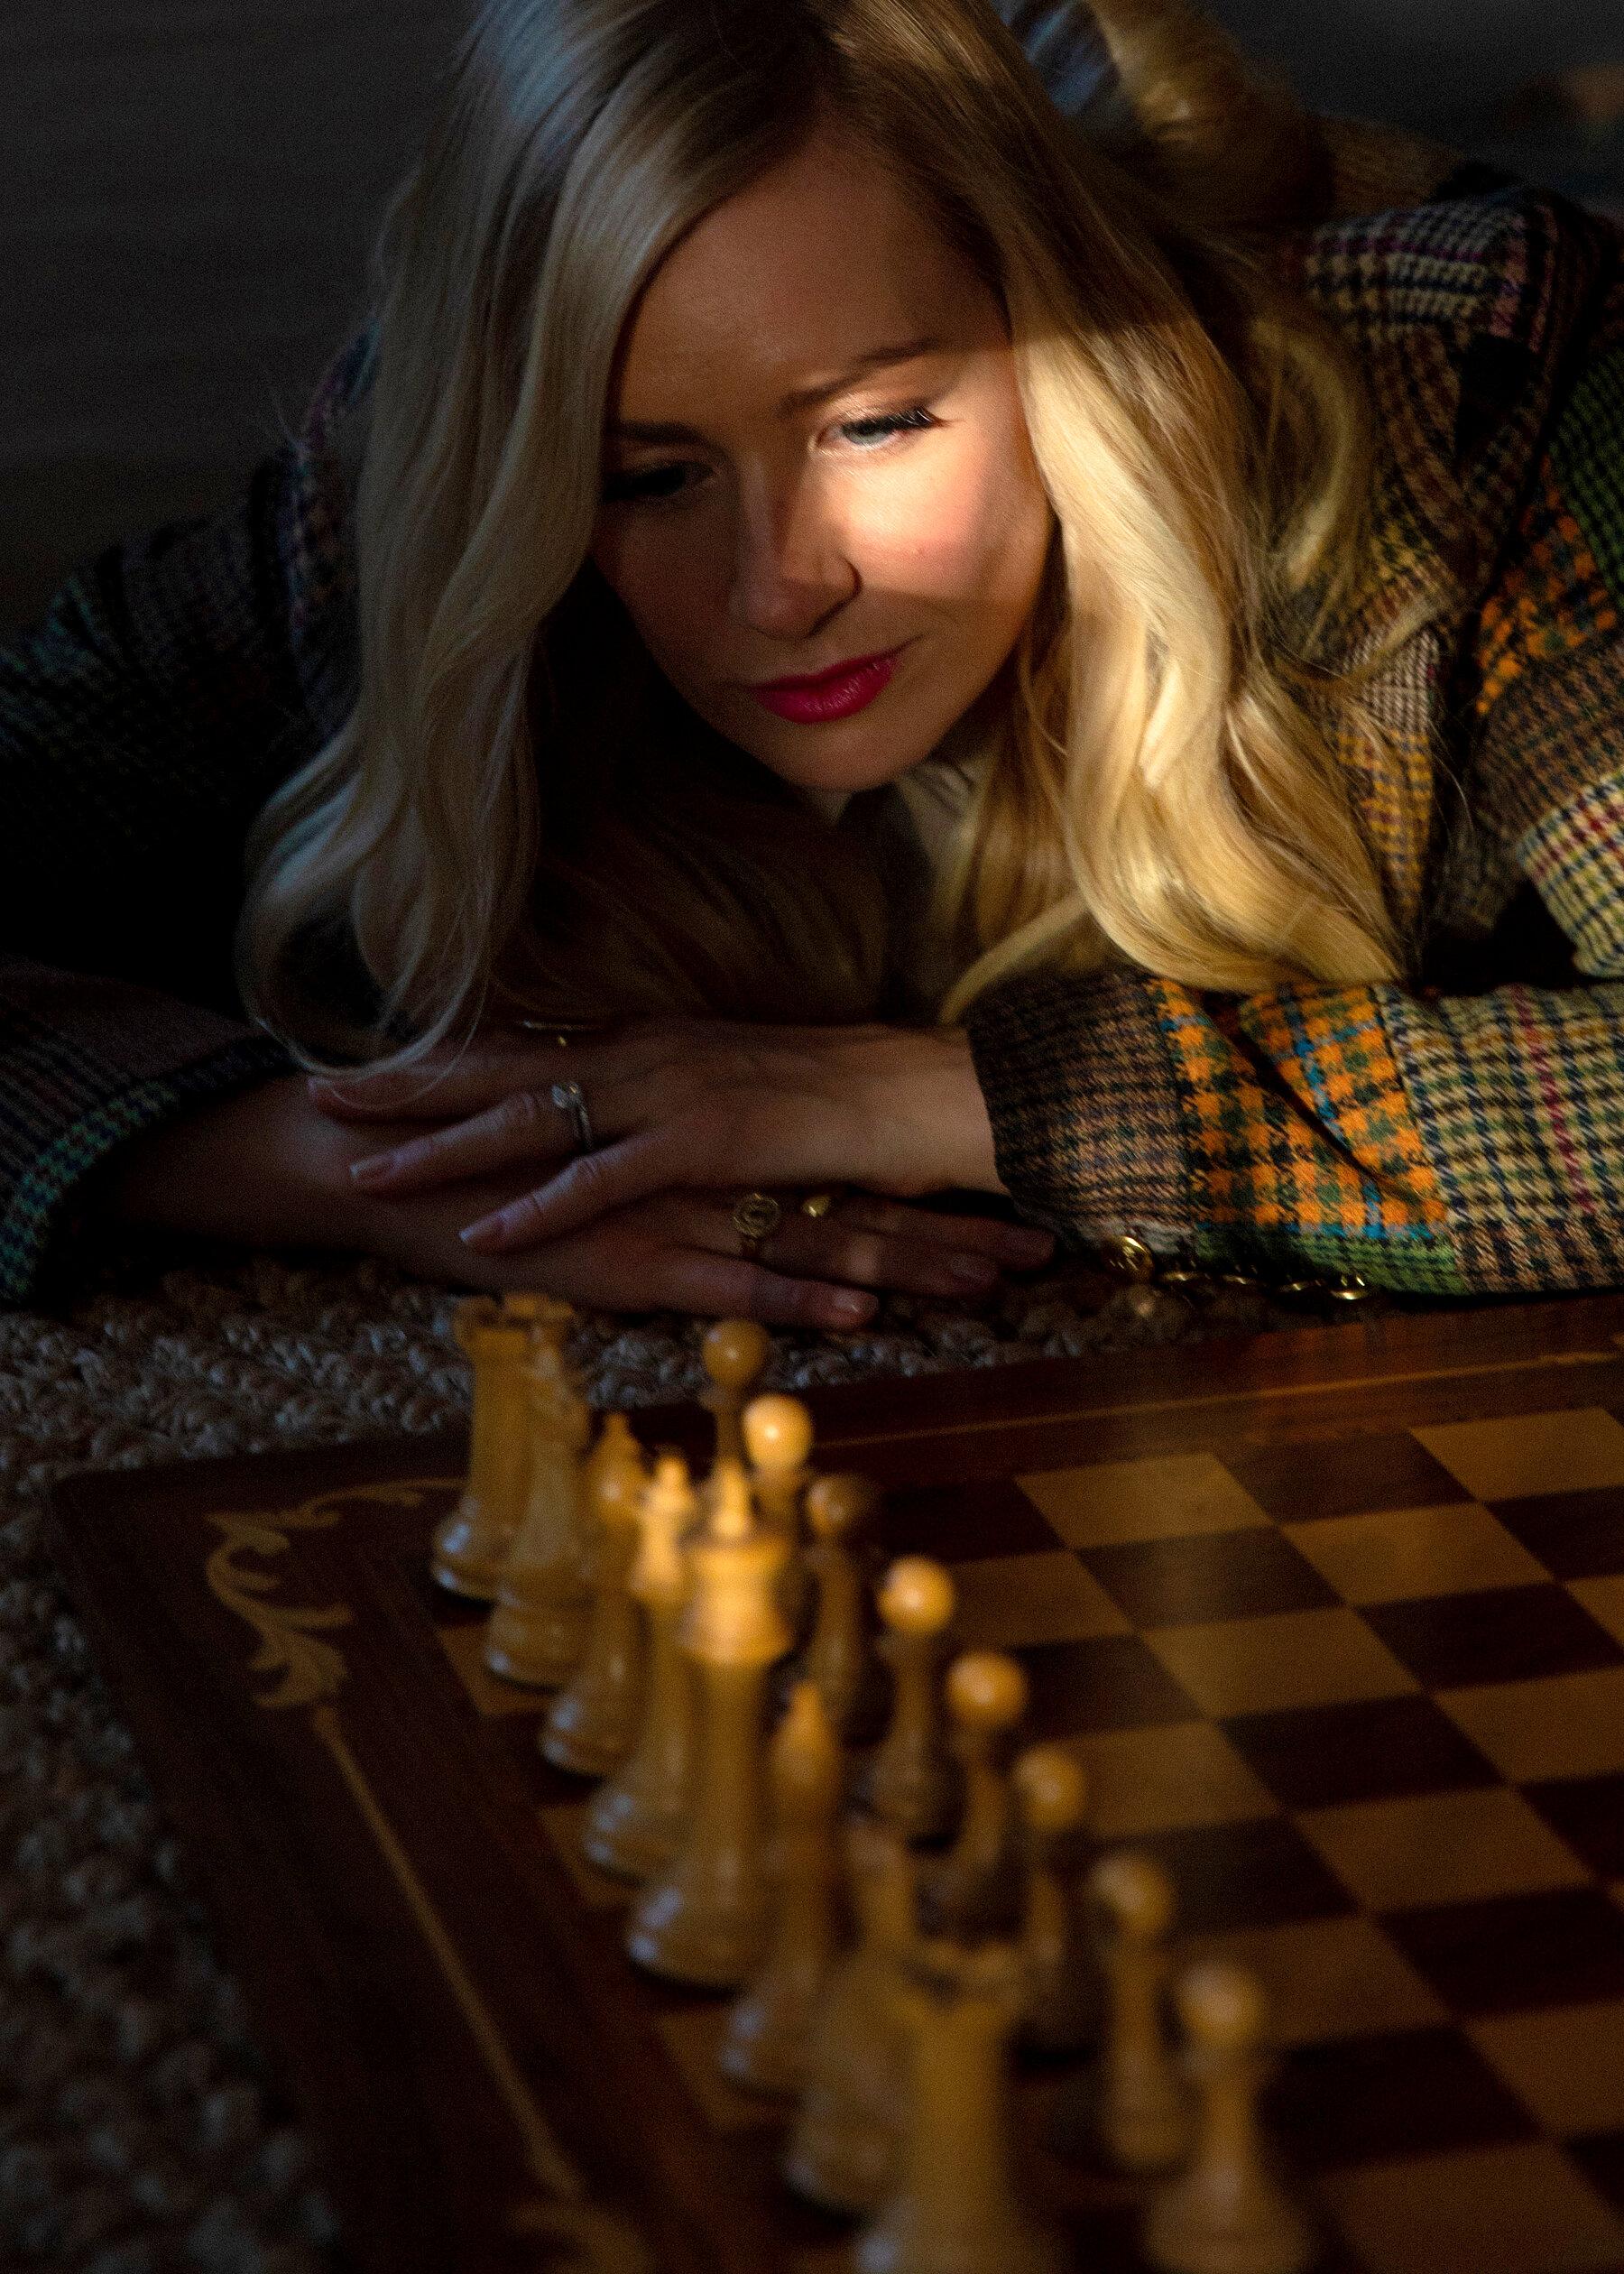 Echec En Ligne Avec Ami : echec, ligne, Dame', Encourage, Femmes, Mettre, échecs, Times